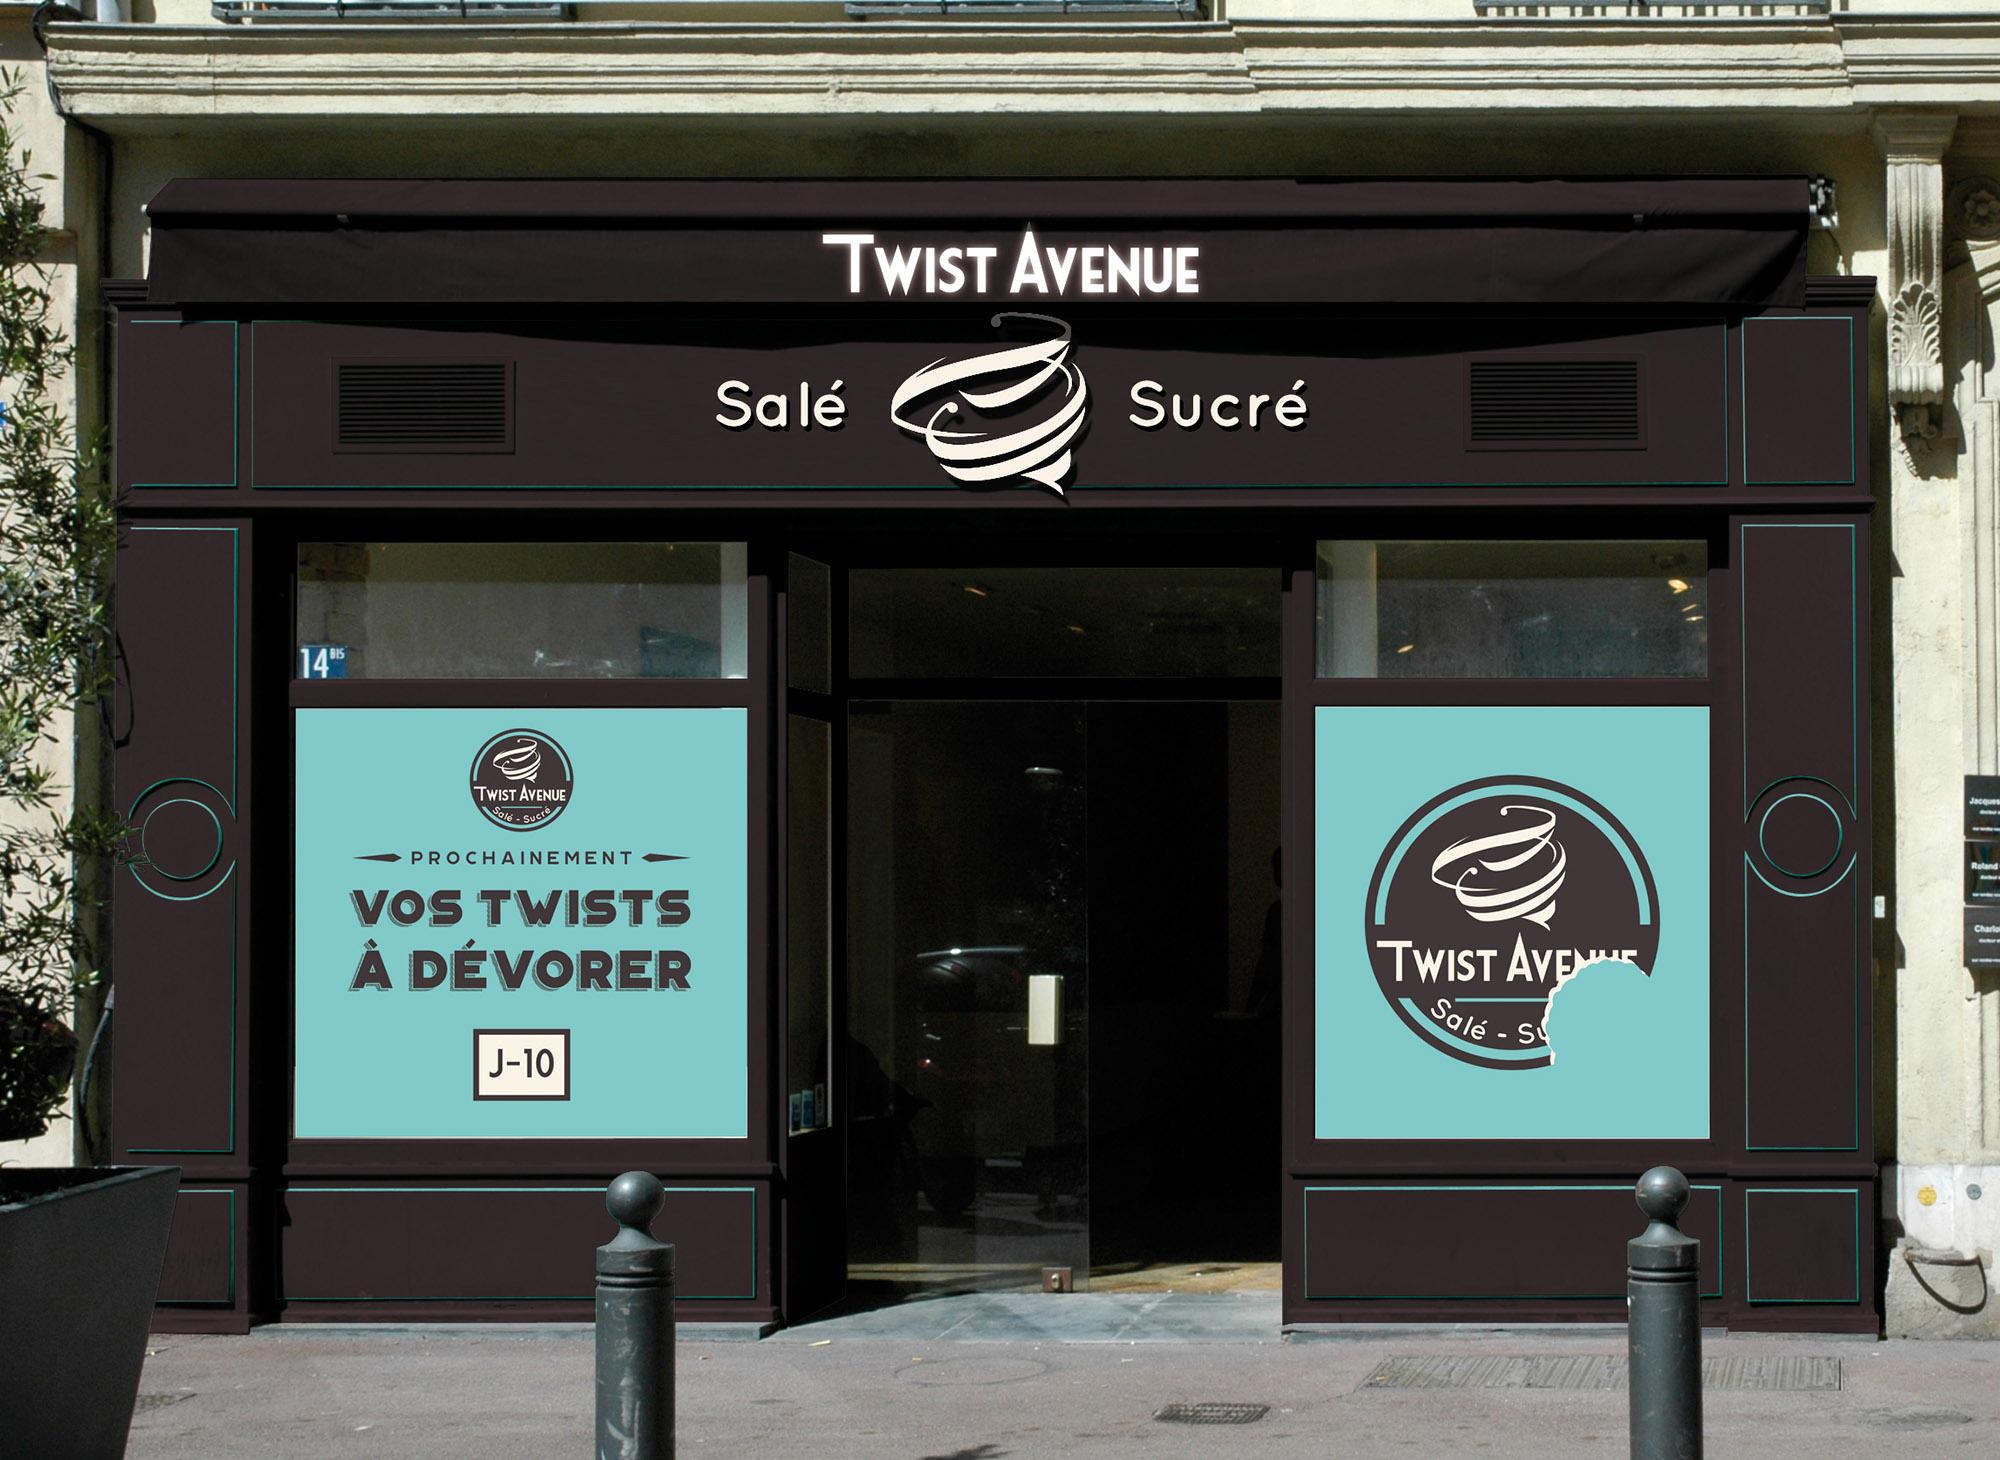 Identité visuelle pour Twist Avenue : Logo, enseigne, stickers j-10…